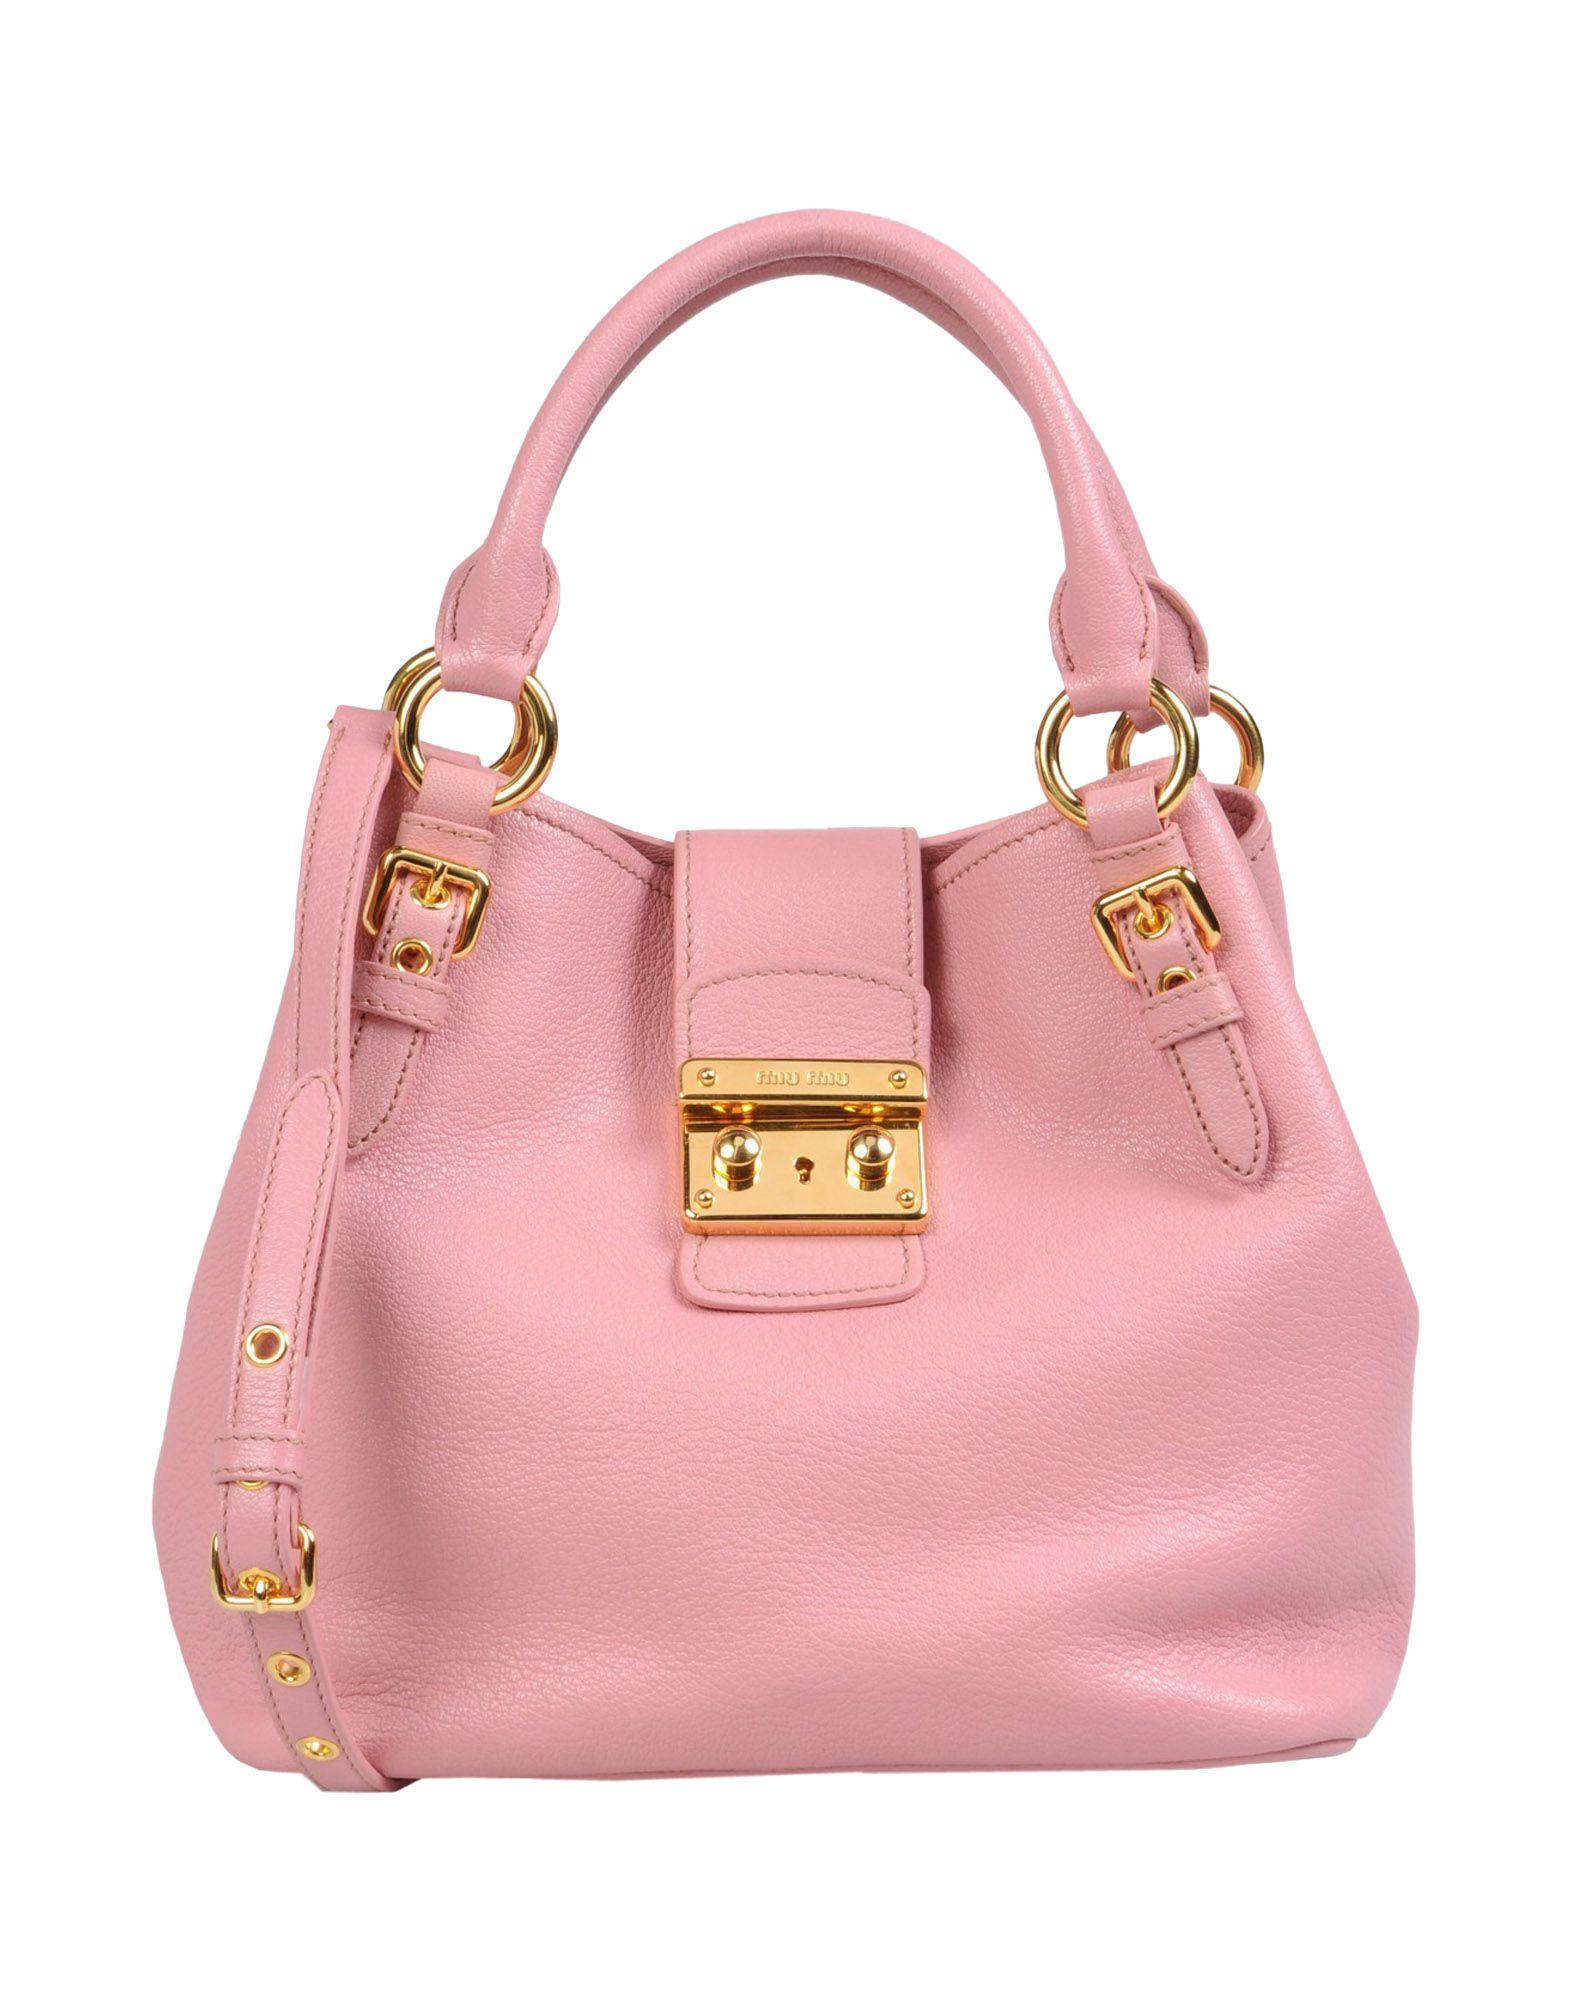 miu miu handbag in pink lyst. Black Bedroom Furniture Sets. Home Design Ideas